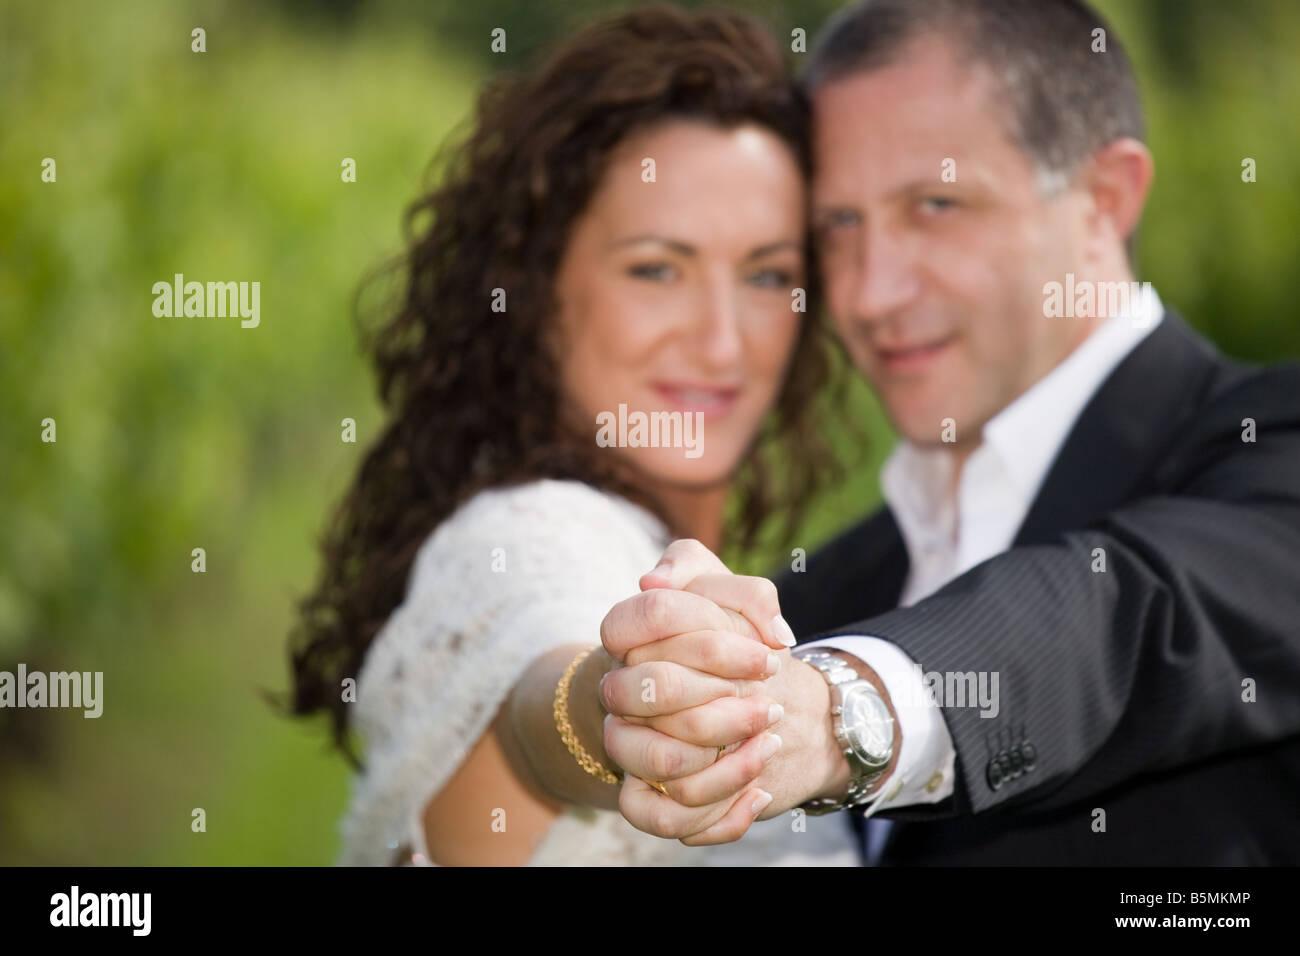 La novia y el novio las manos juntas, disparó al aire libre Imagen De Stock